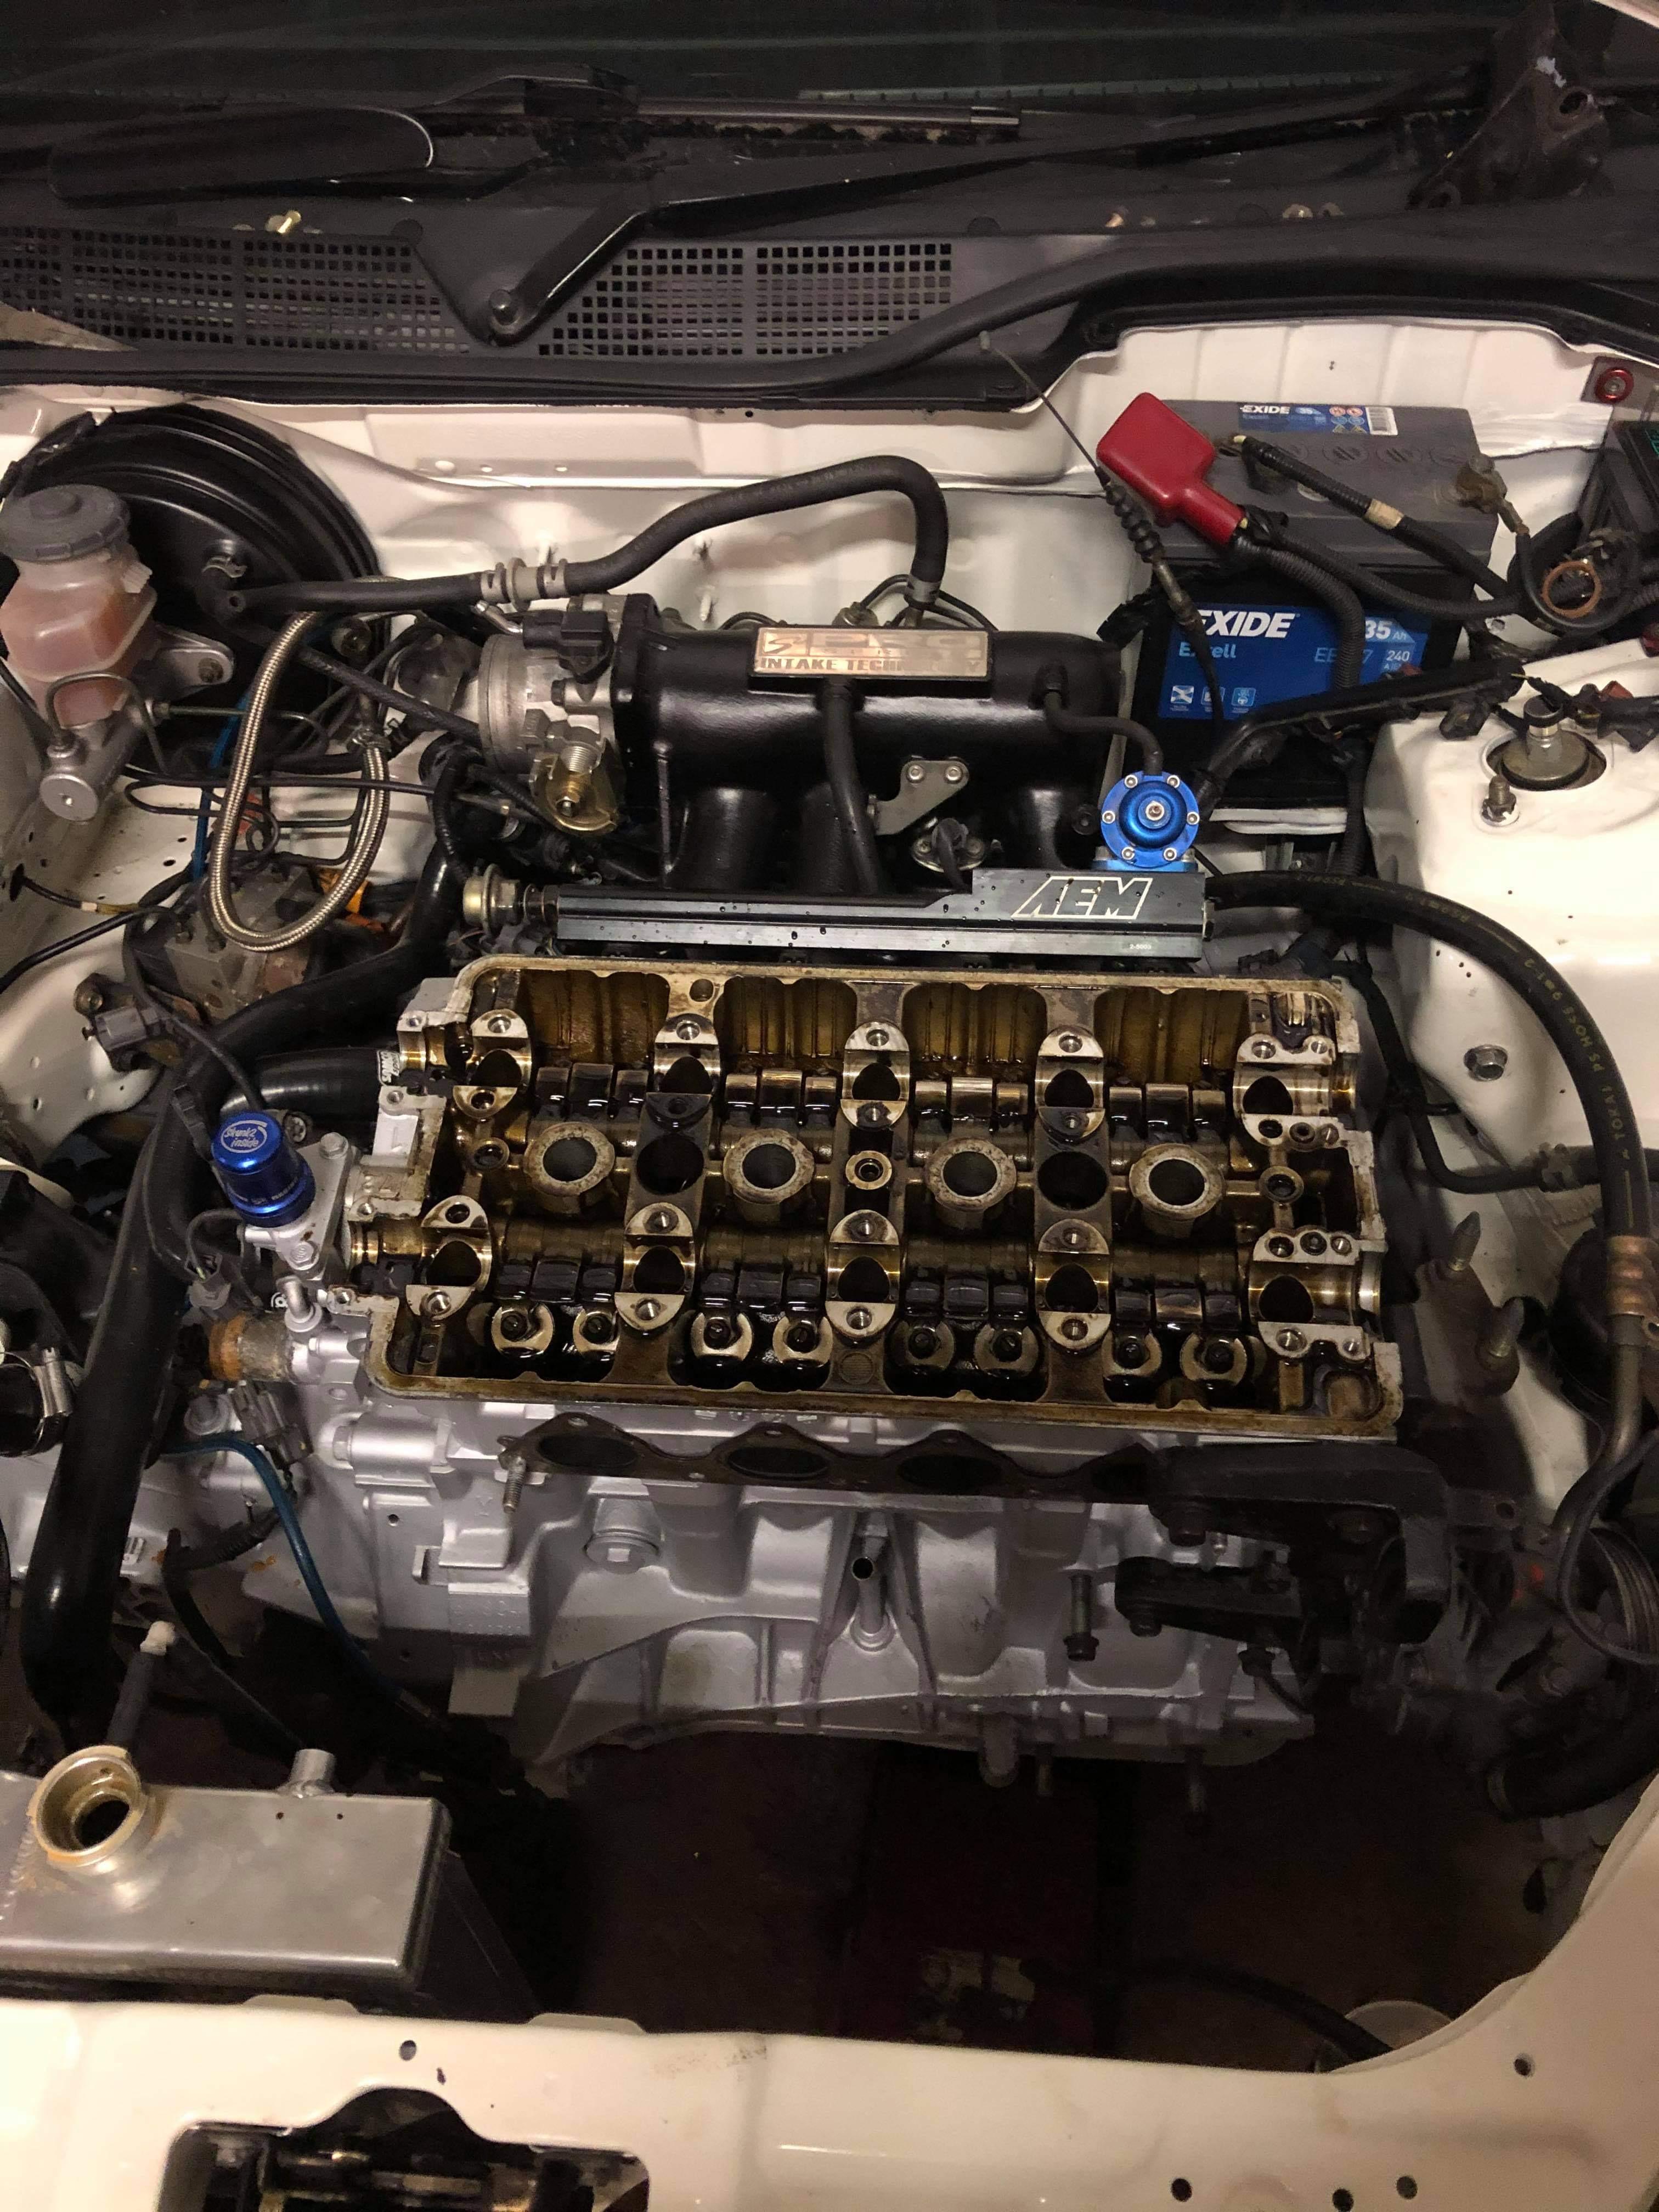 64CB708F-F0F5-433A-9F1B-EC2F6E6CE394.jpeg